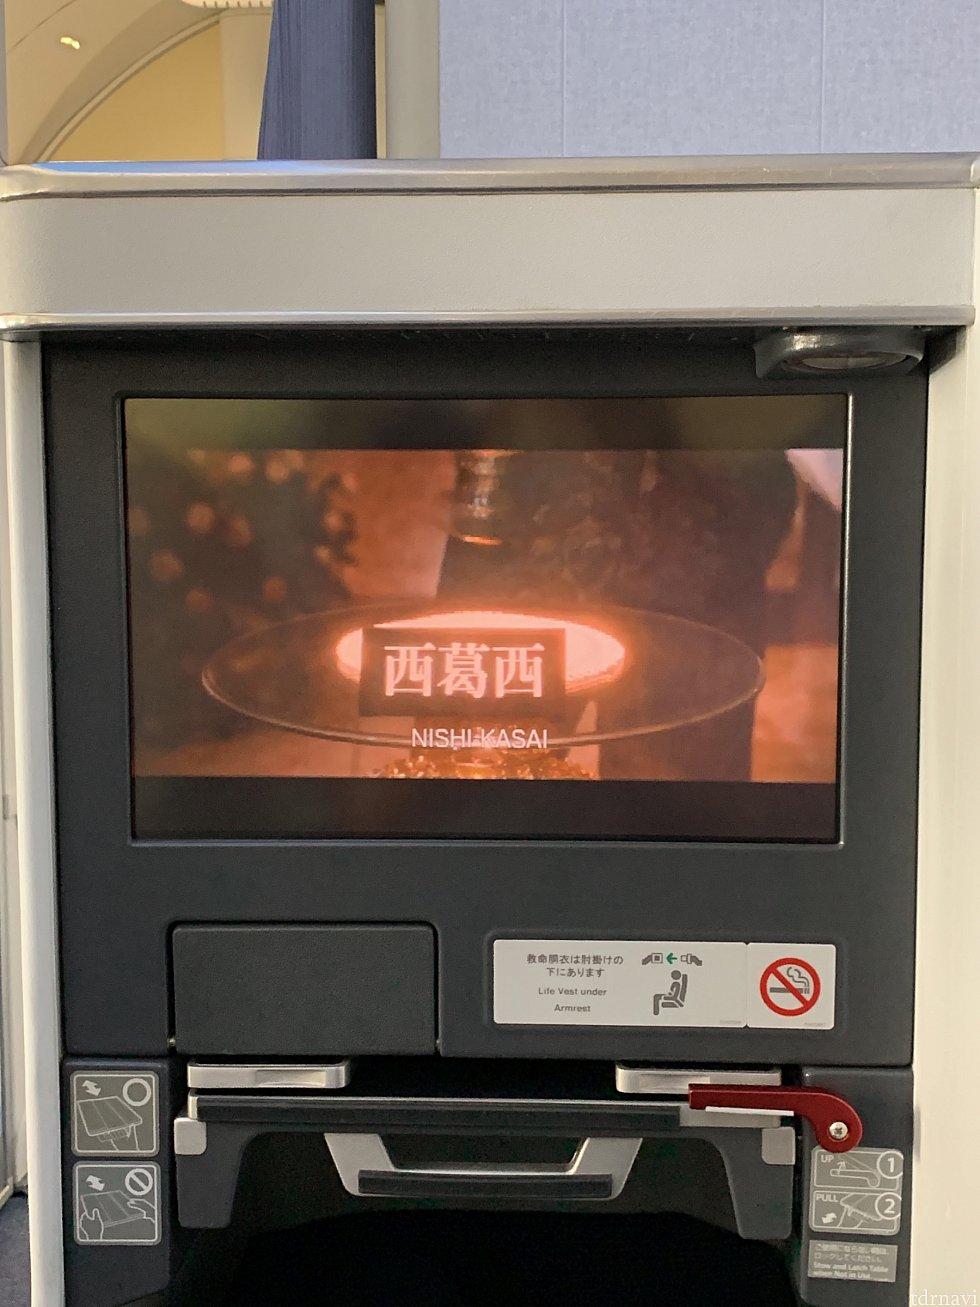 「翔んで埼玉」上映してました😁 西葛西ディスりすぎw